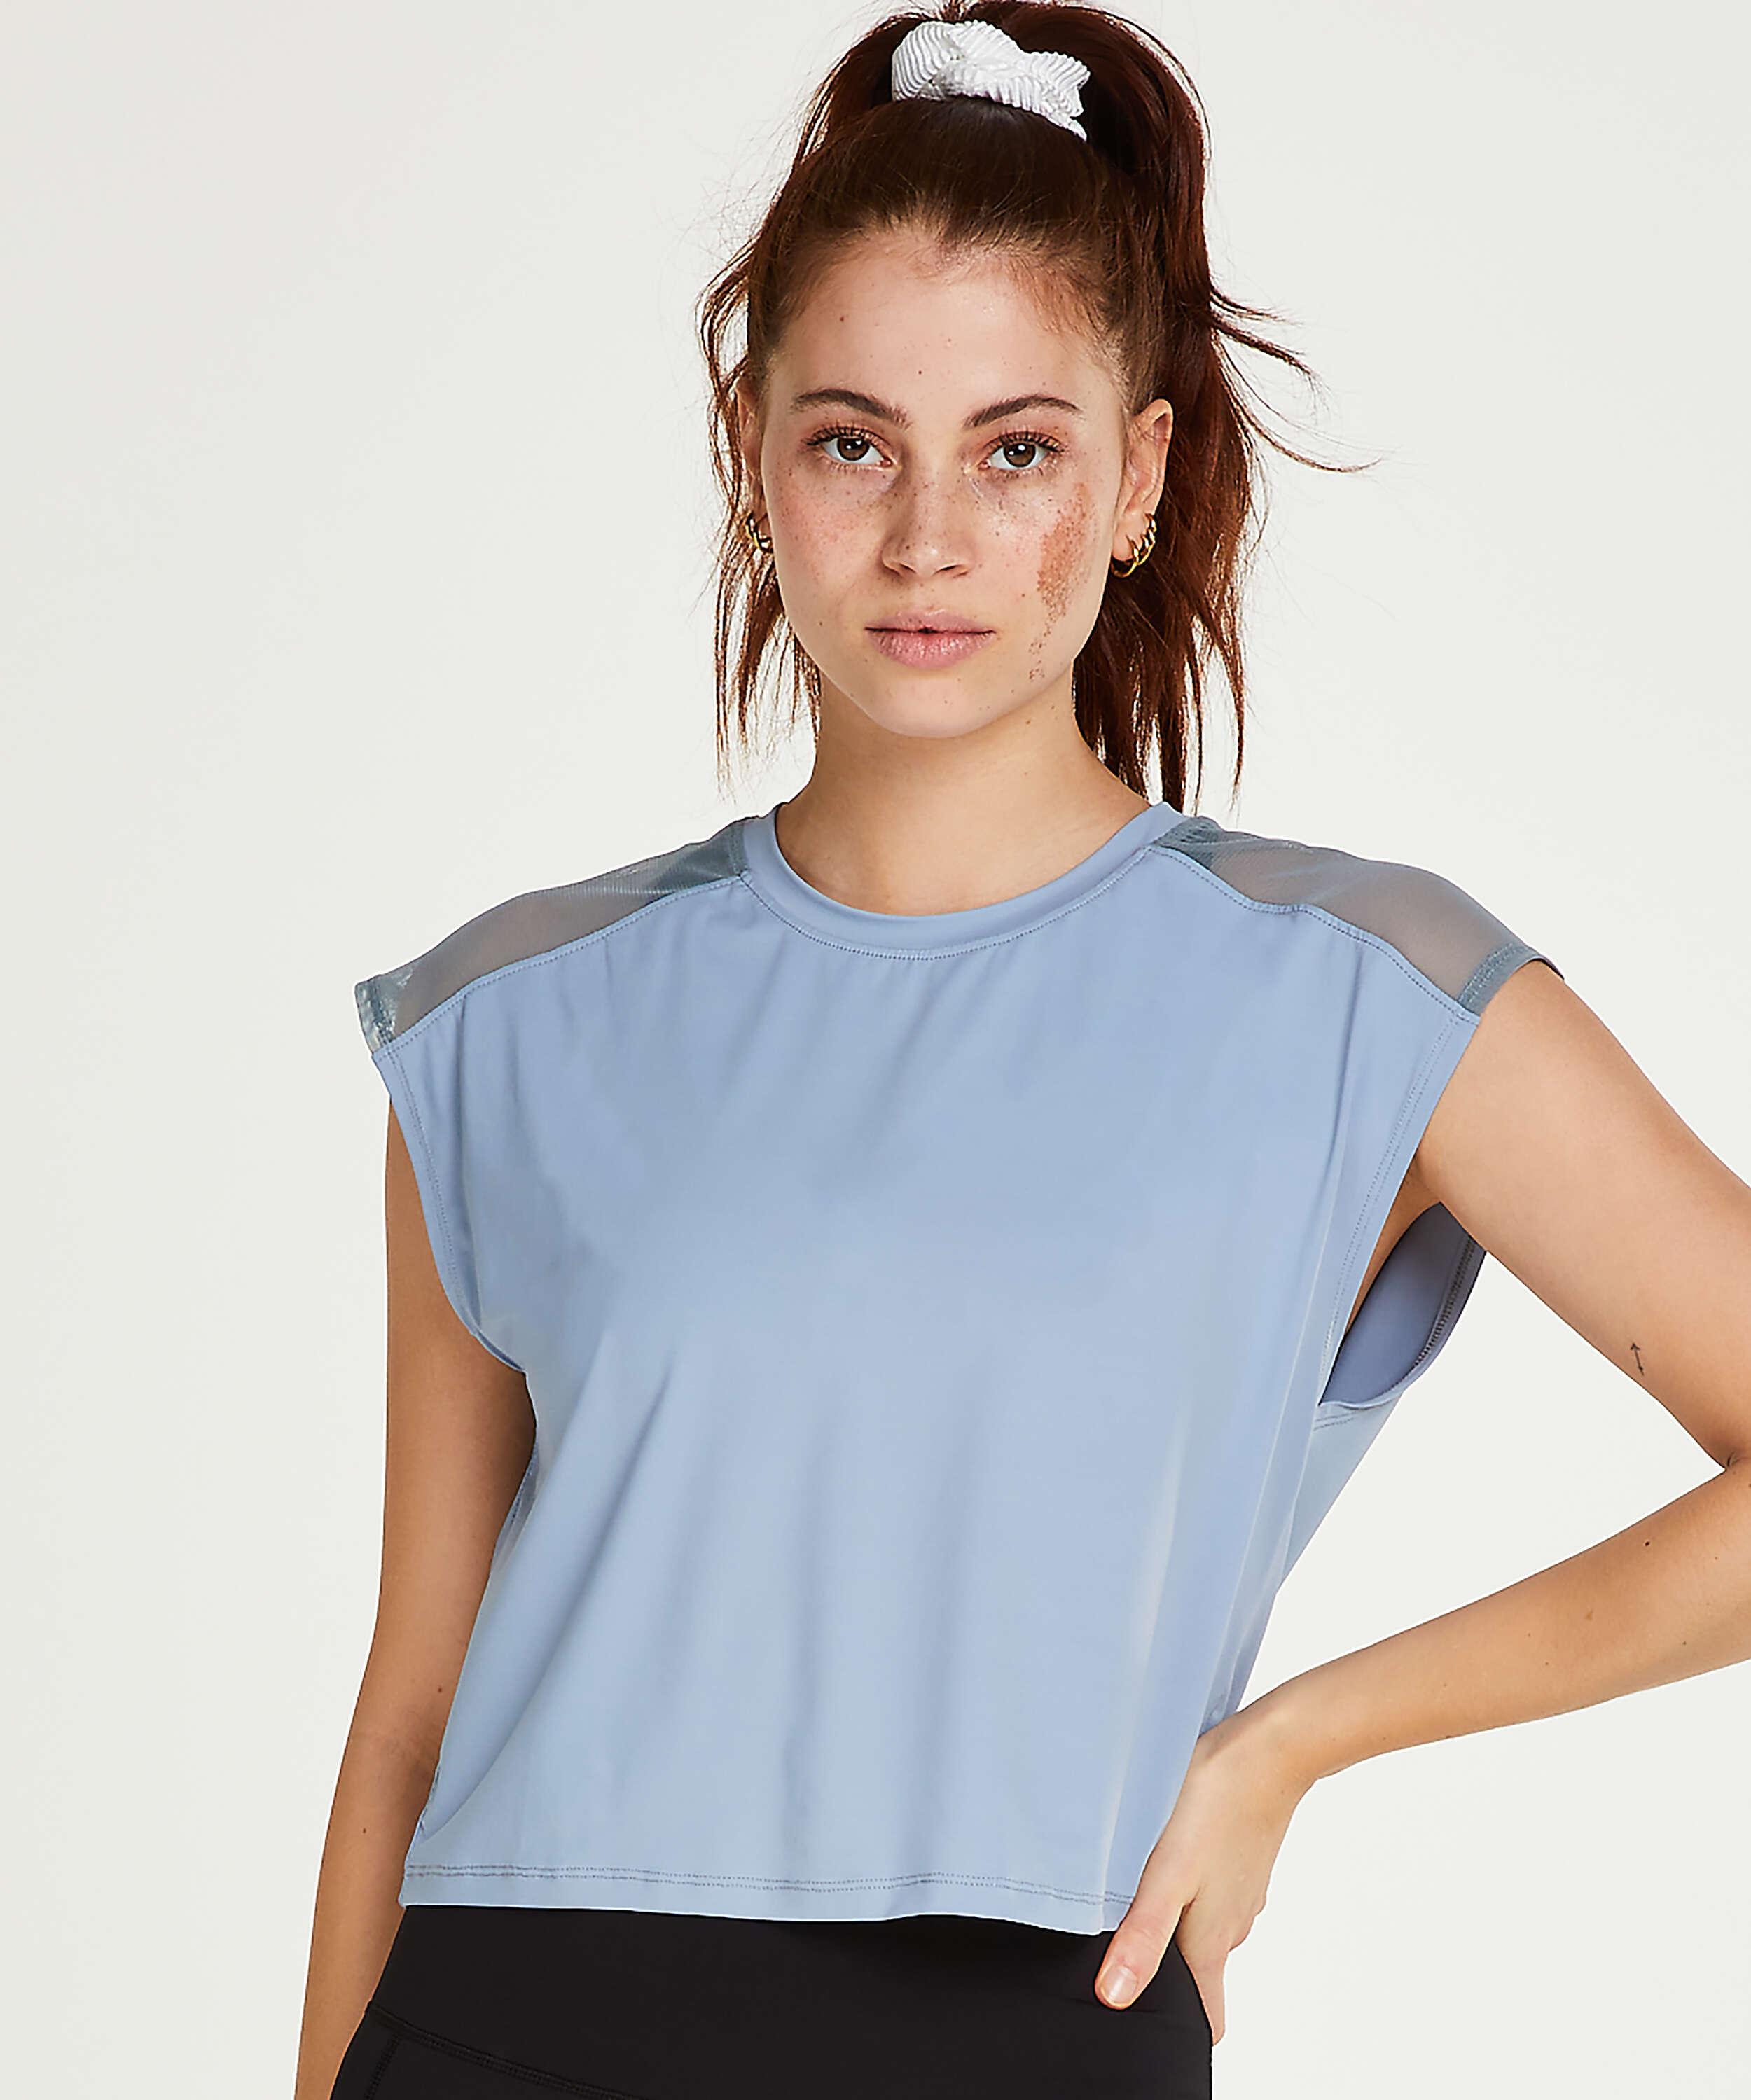 HKMX Sport t-shirt Joya, Blue, main